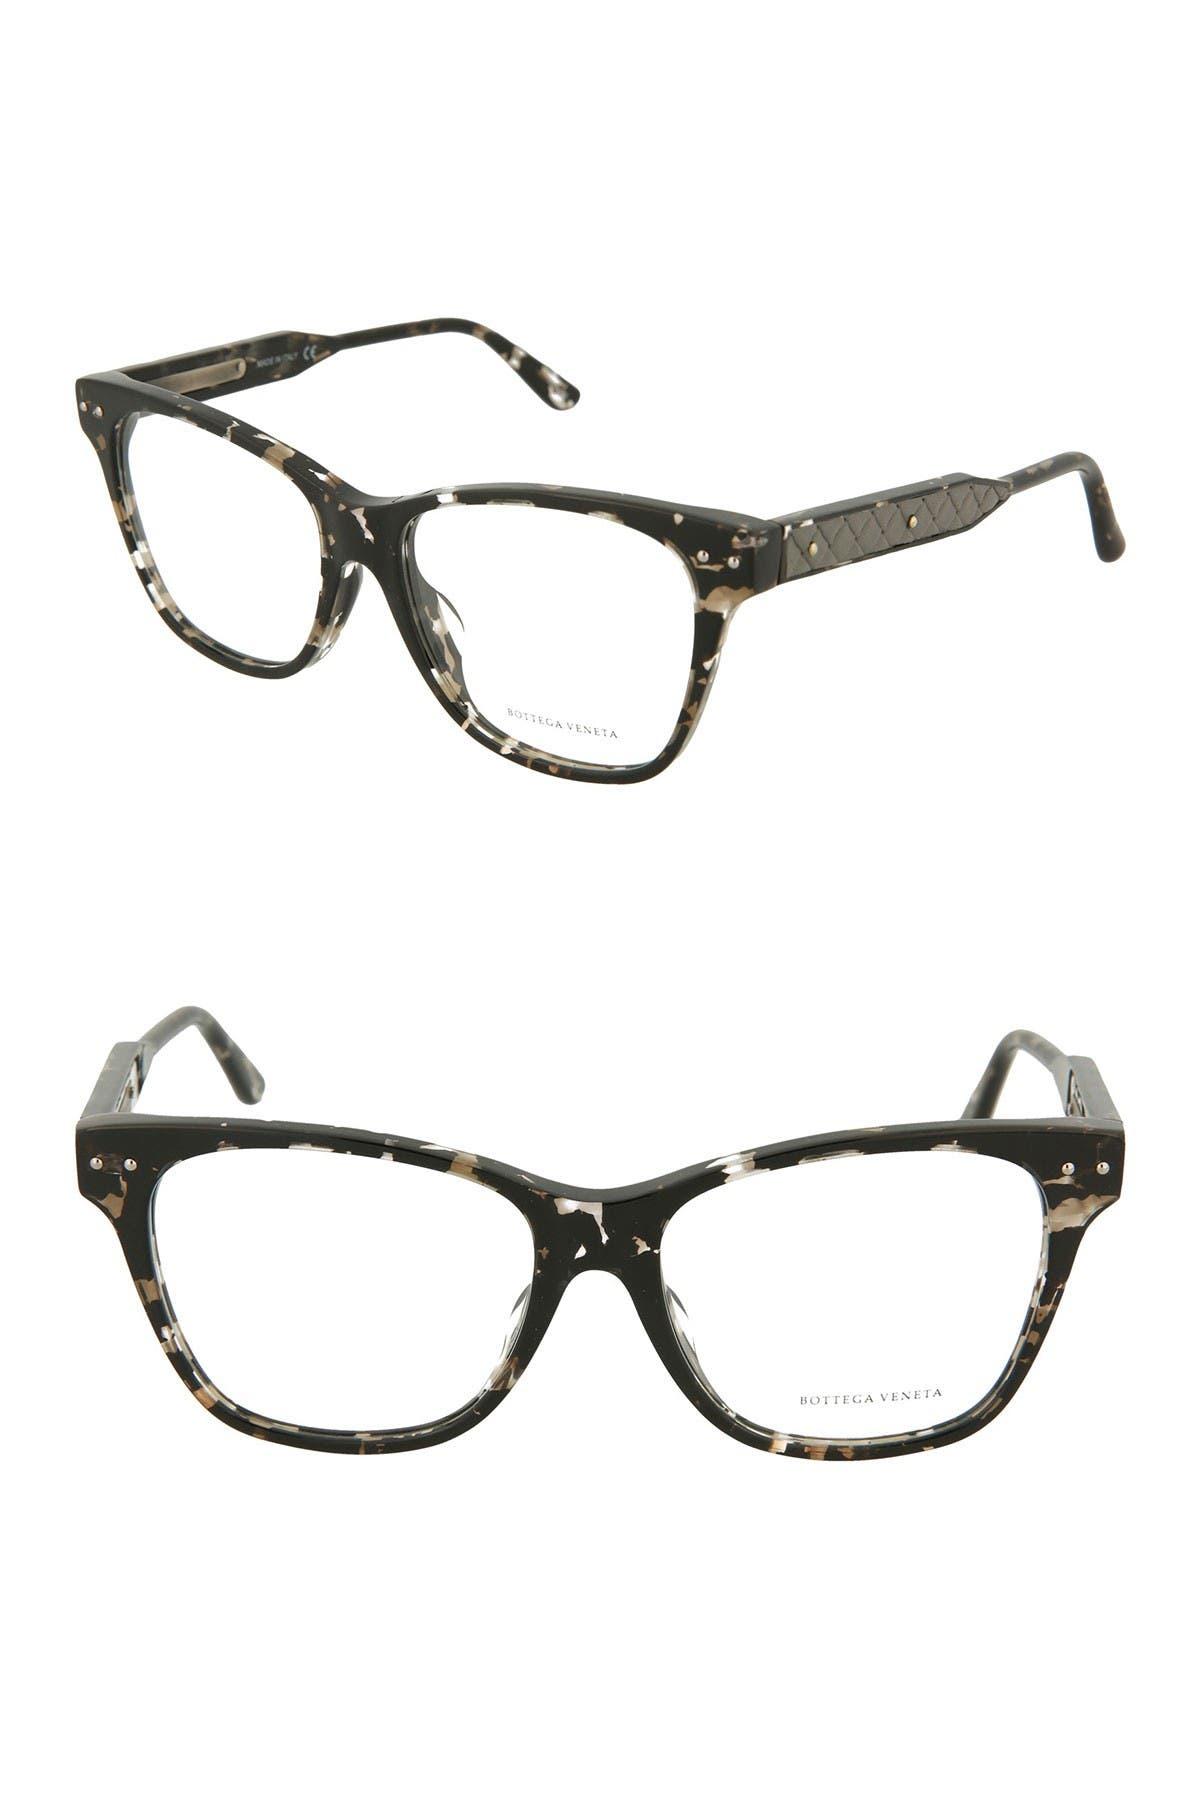 Image of Bottega Veneta 53mm Squared Cat Eye Frames